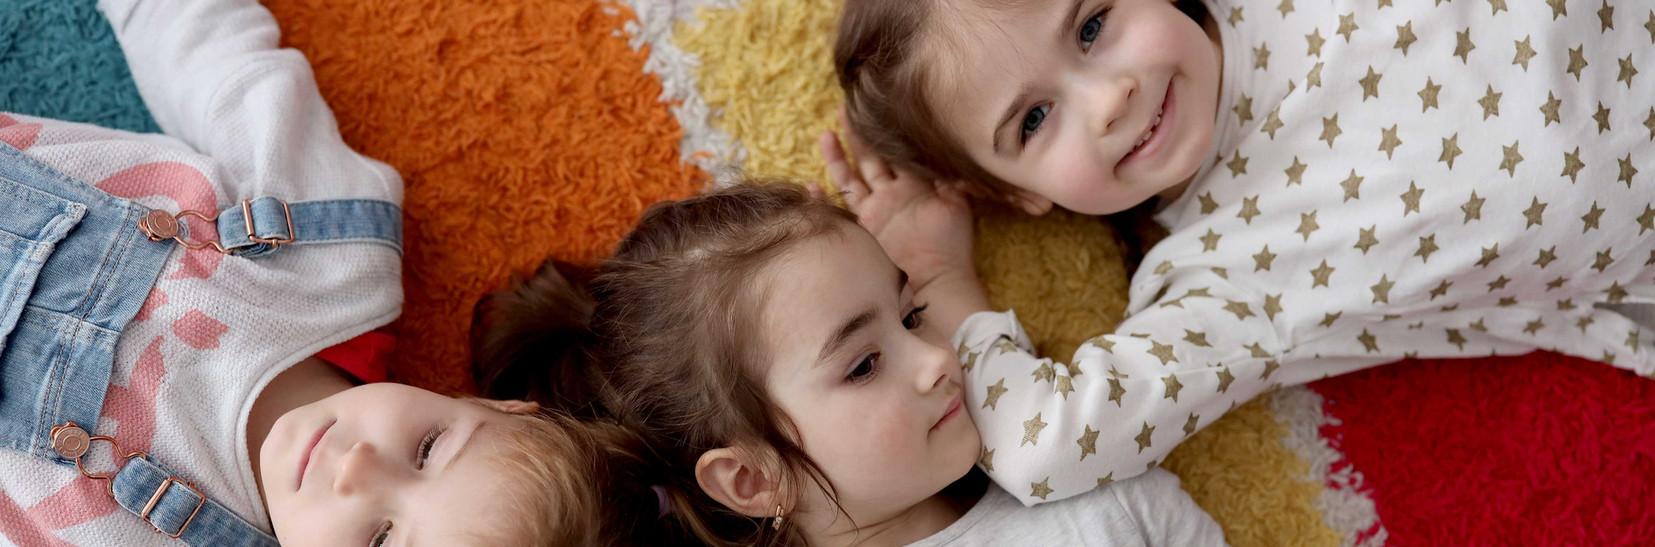 Girls relaxing on carpet